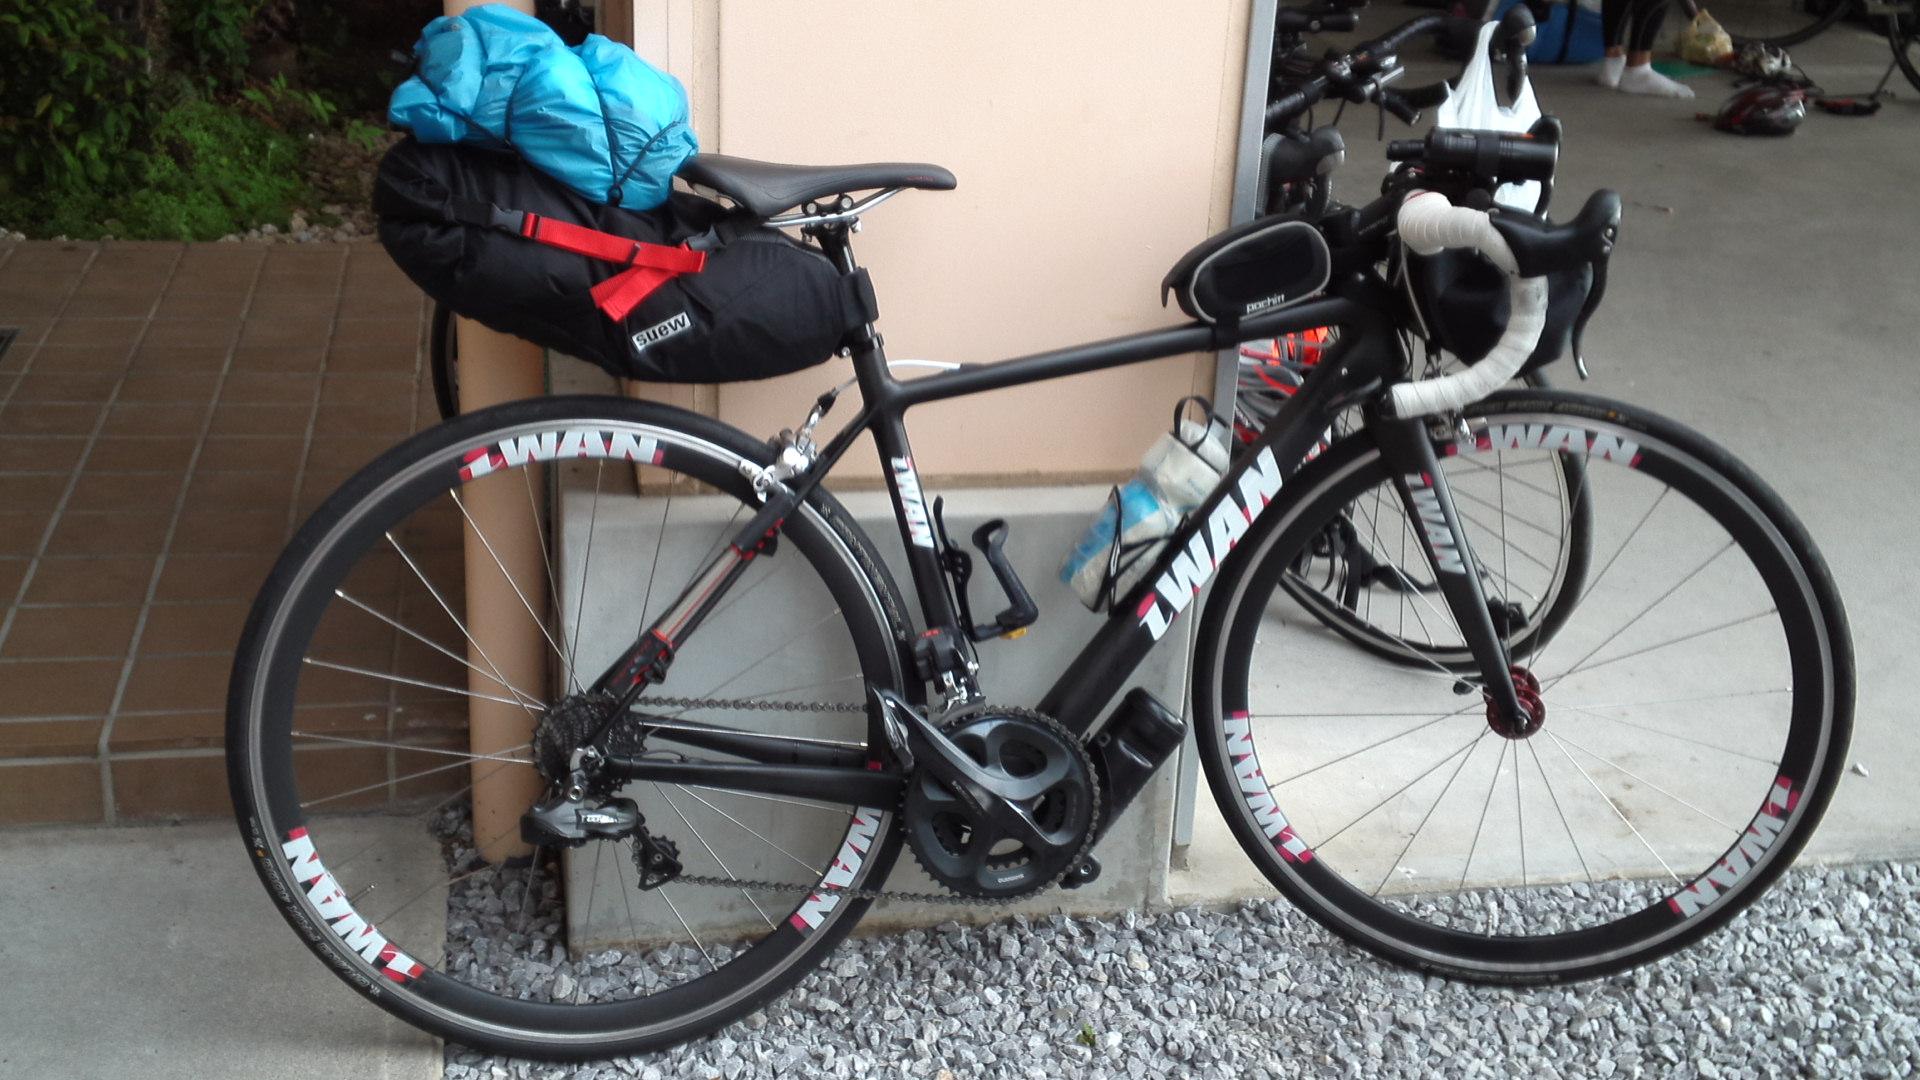 自転車の 雨の日 自転車 荷物 : 雨具、着替えのジャージ上下 ...